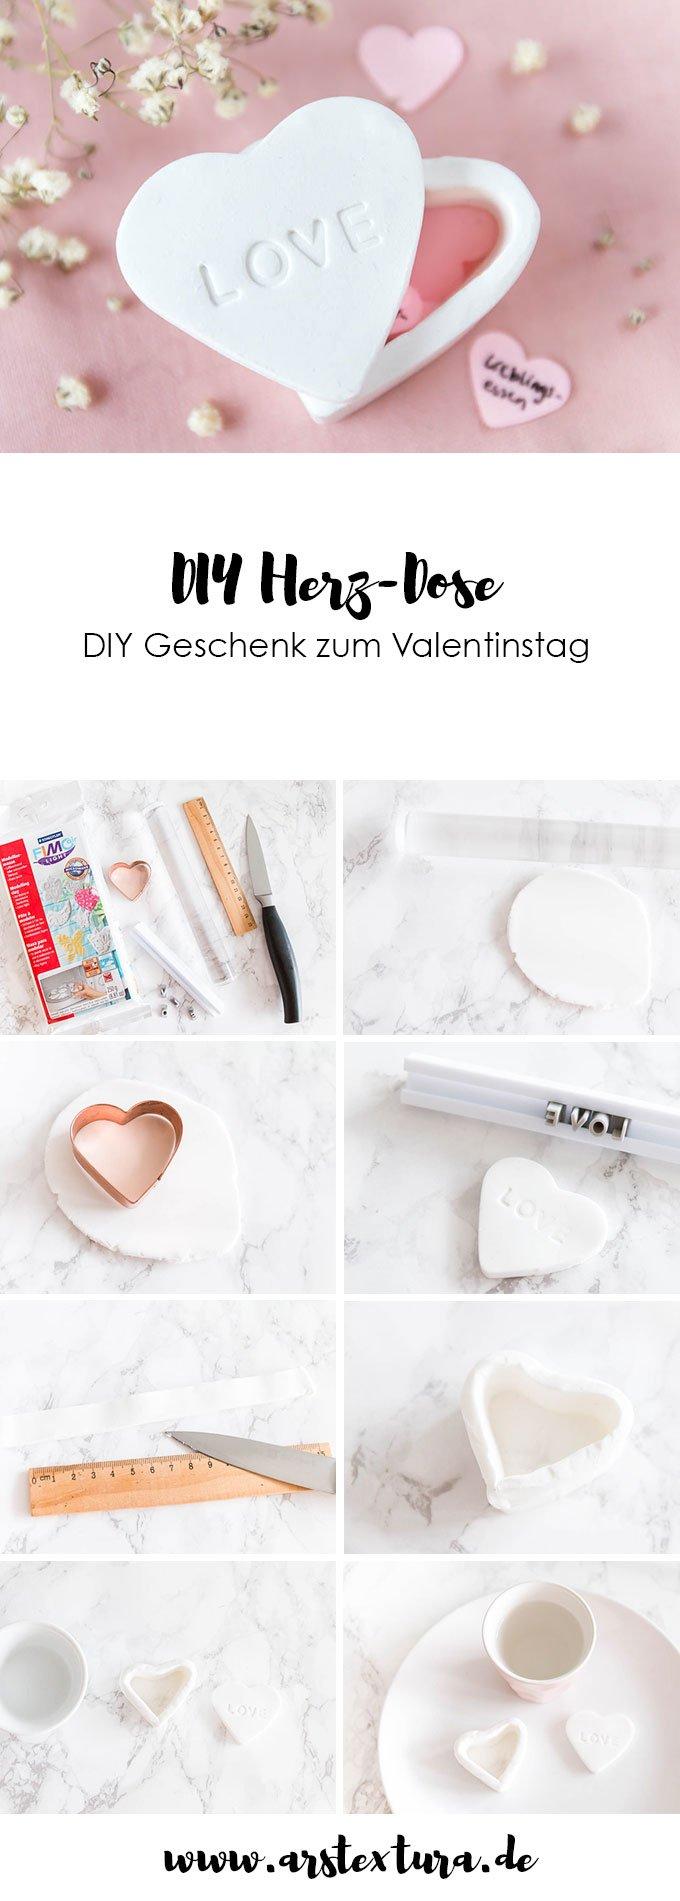 Fimo Ideen: DIY Herz-Dose aus Fimo - ein schönes DIY Geschenk zum Valentinstag | ars textura - DIY Blog